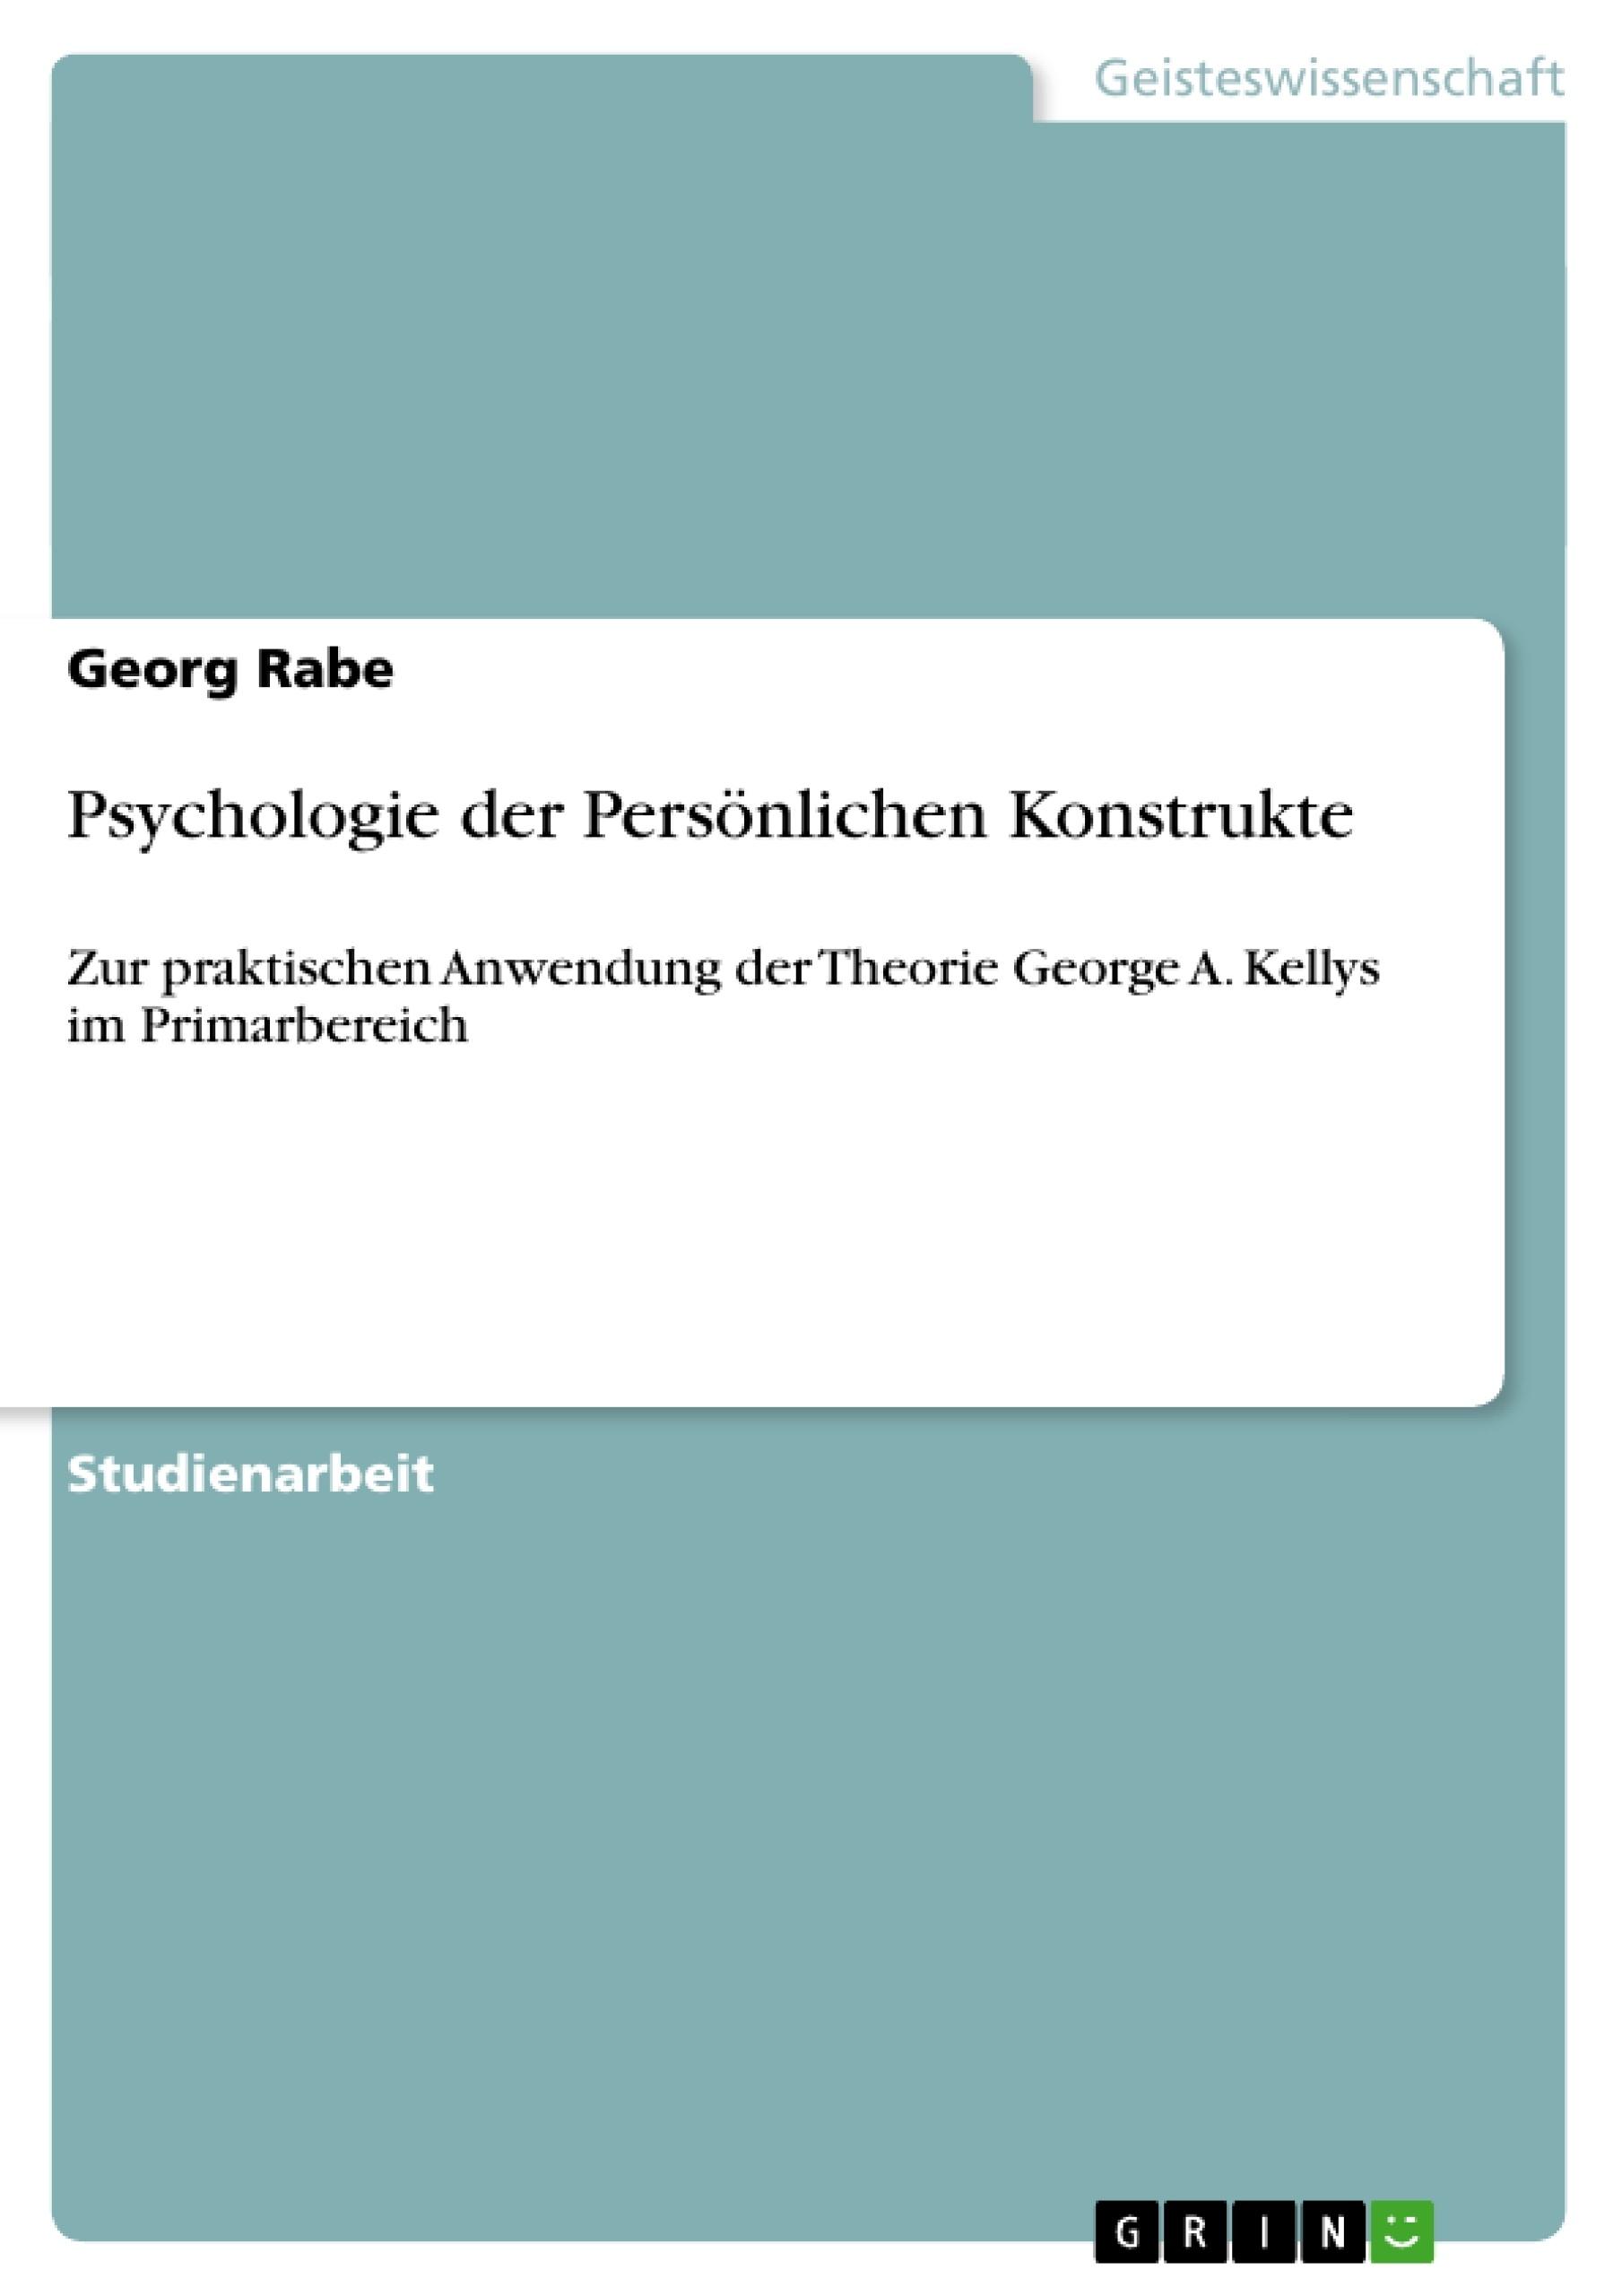 Titel: Psychologie der Persönlichen Konstrukte